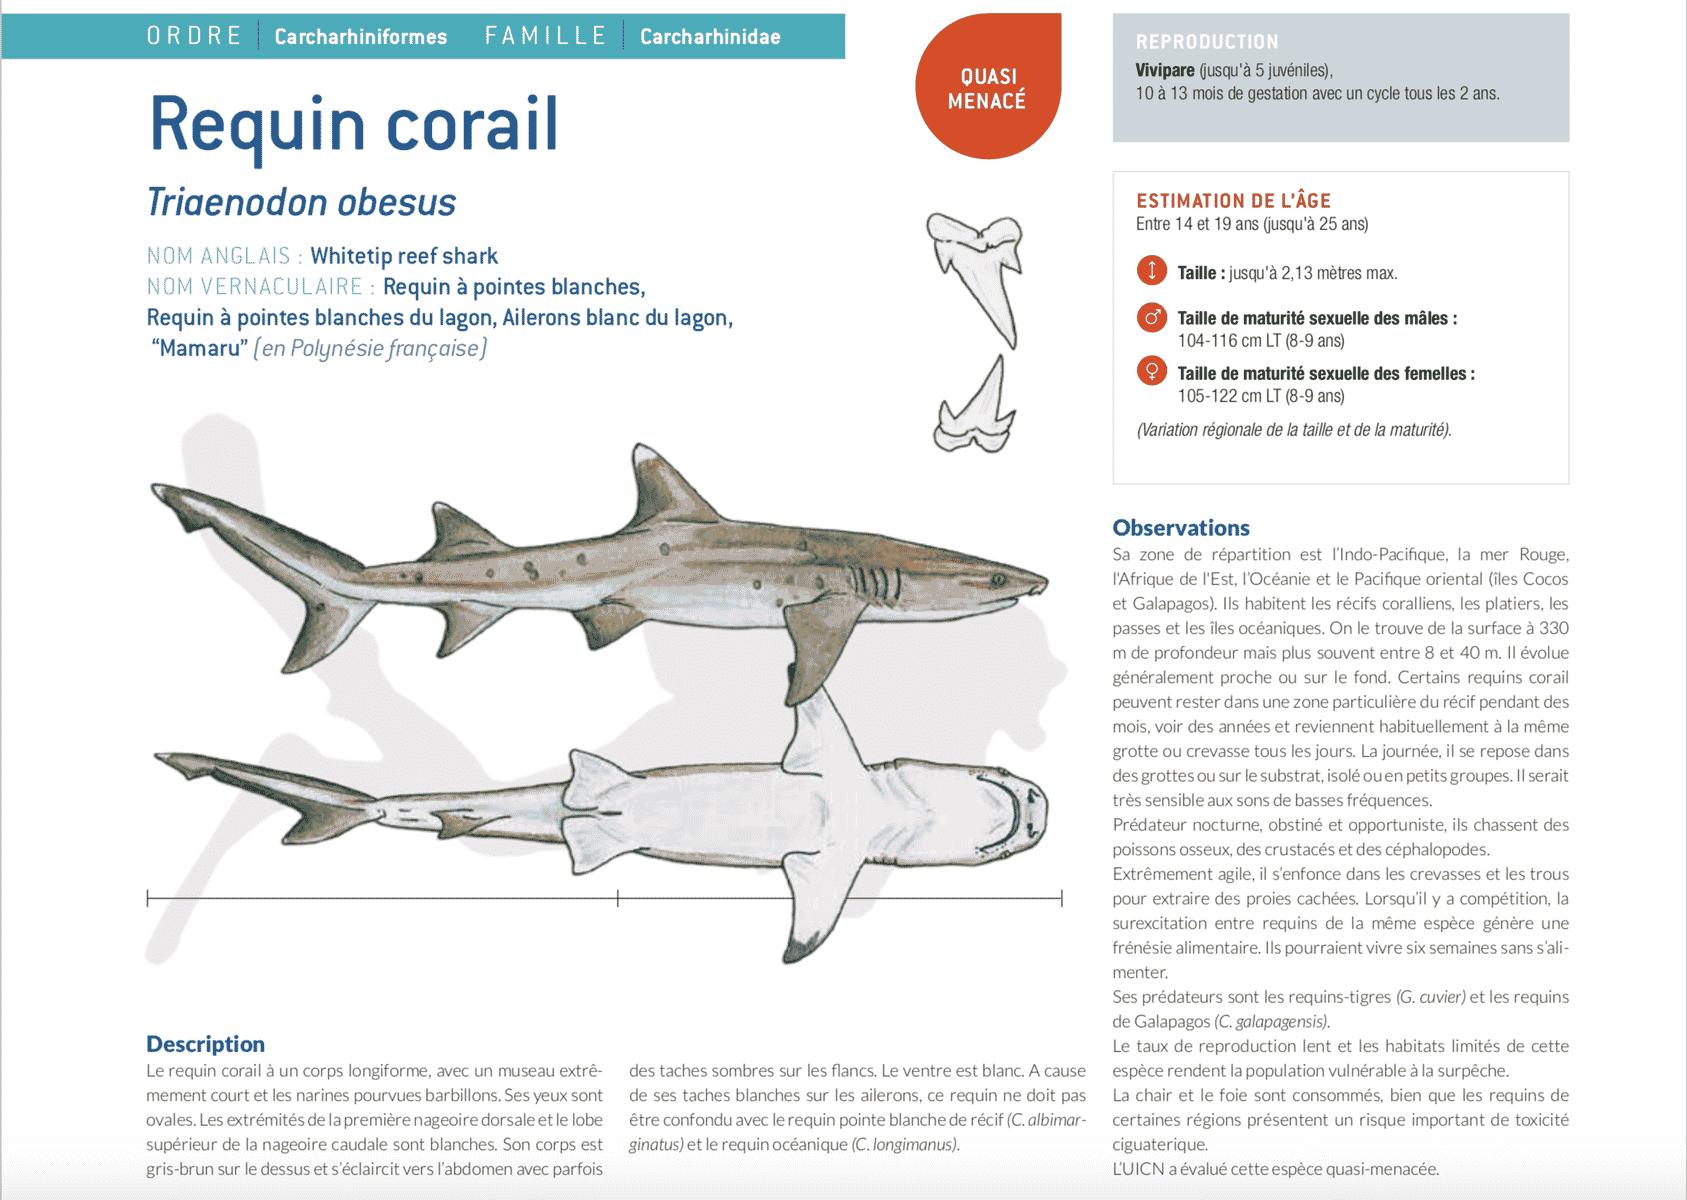 fiche requin corail triaenodon obesus